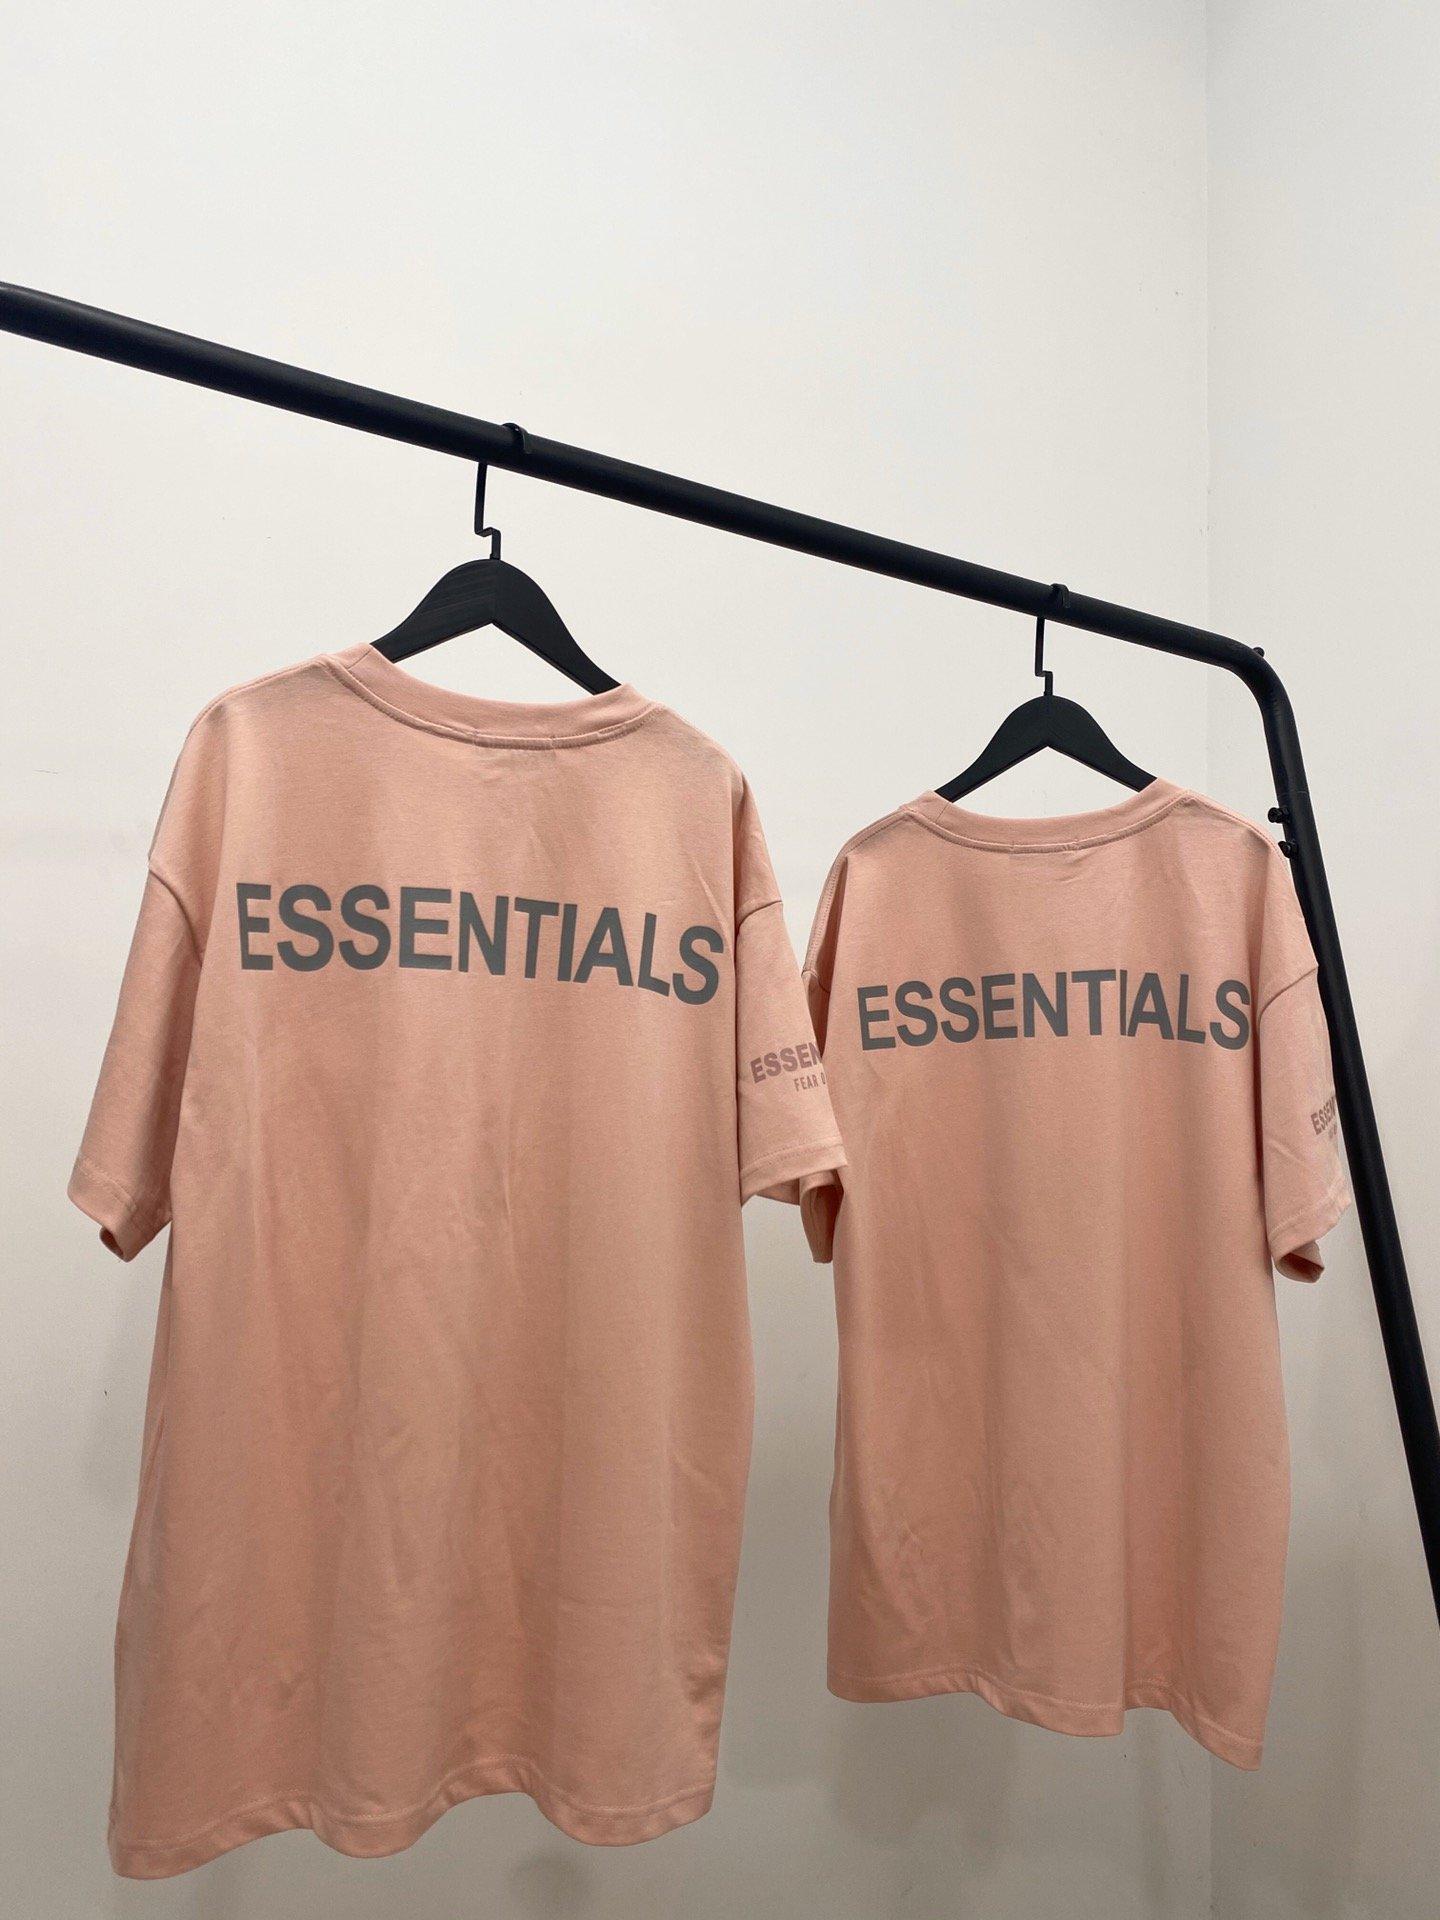 Ücretsiz Kargo Marka Gömlek Sıcak Satıcı Tasarımcı Kadınlar Erkek Tişörtü Moda Günlük İlkbahar Yaz Tees Kaliteli Lüks Kız Tişört 20022241Y